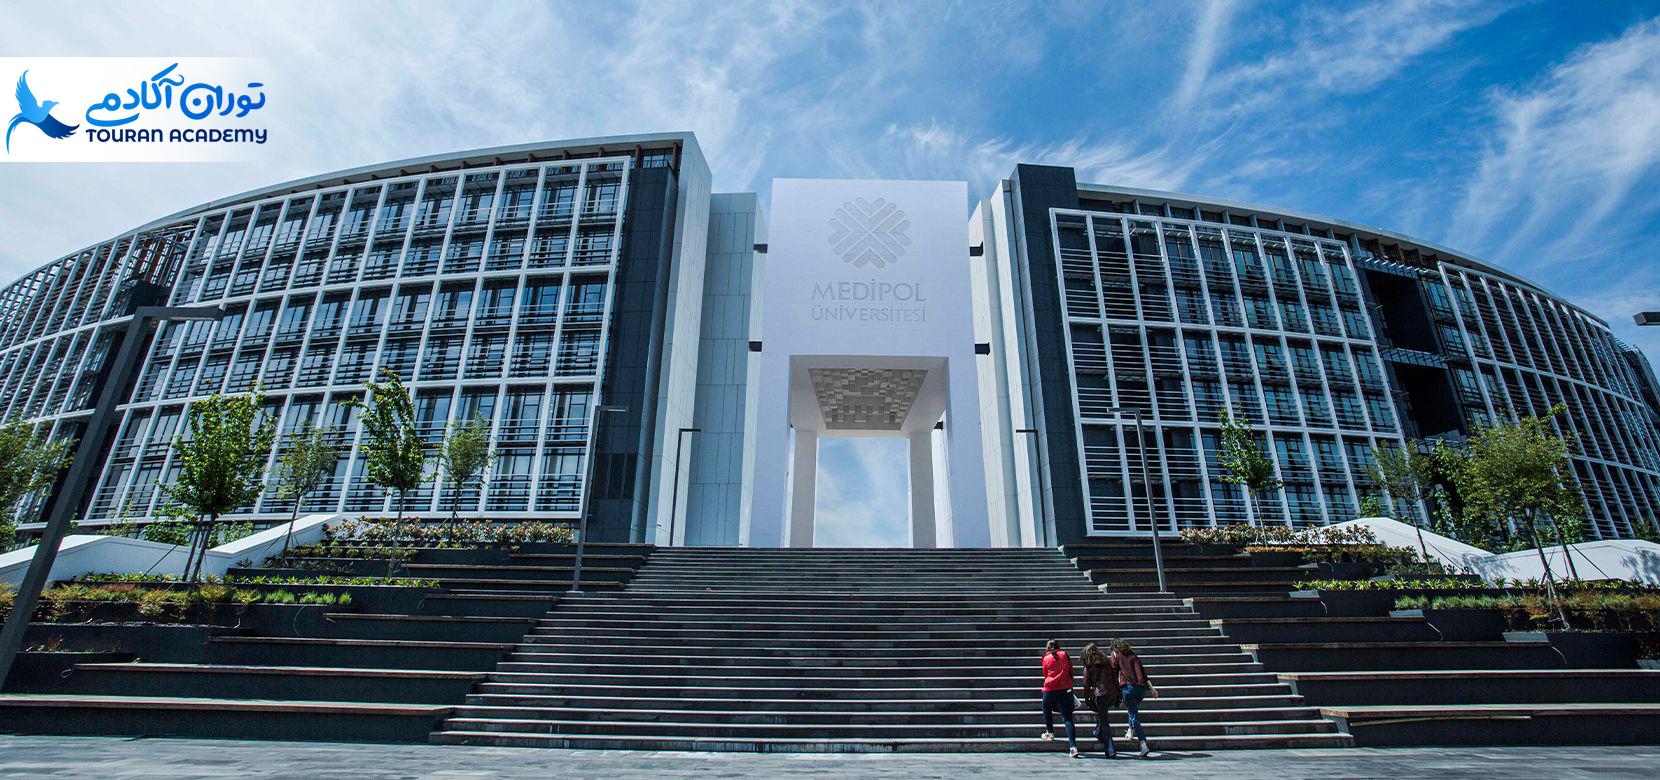 دانشگاه مدیپول استانبول